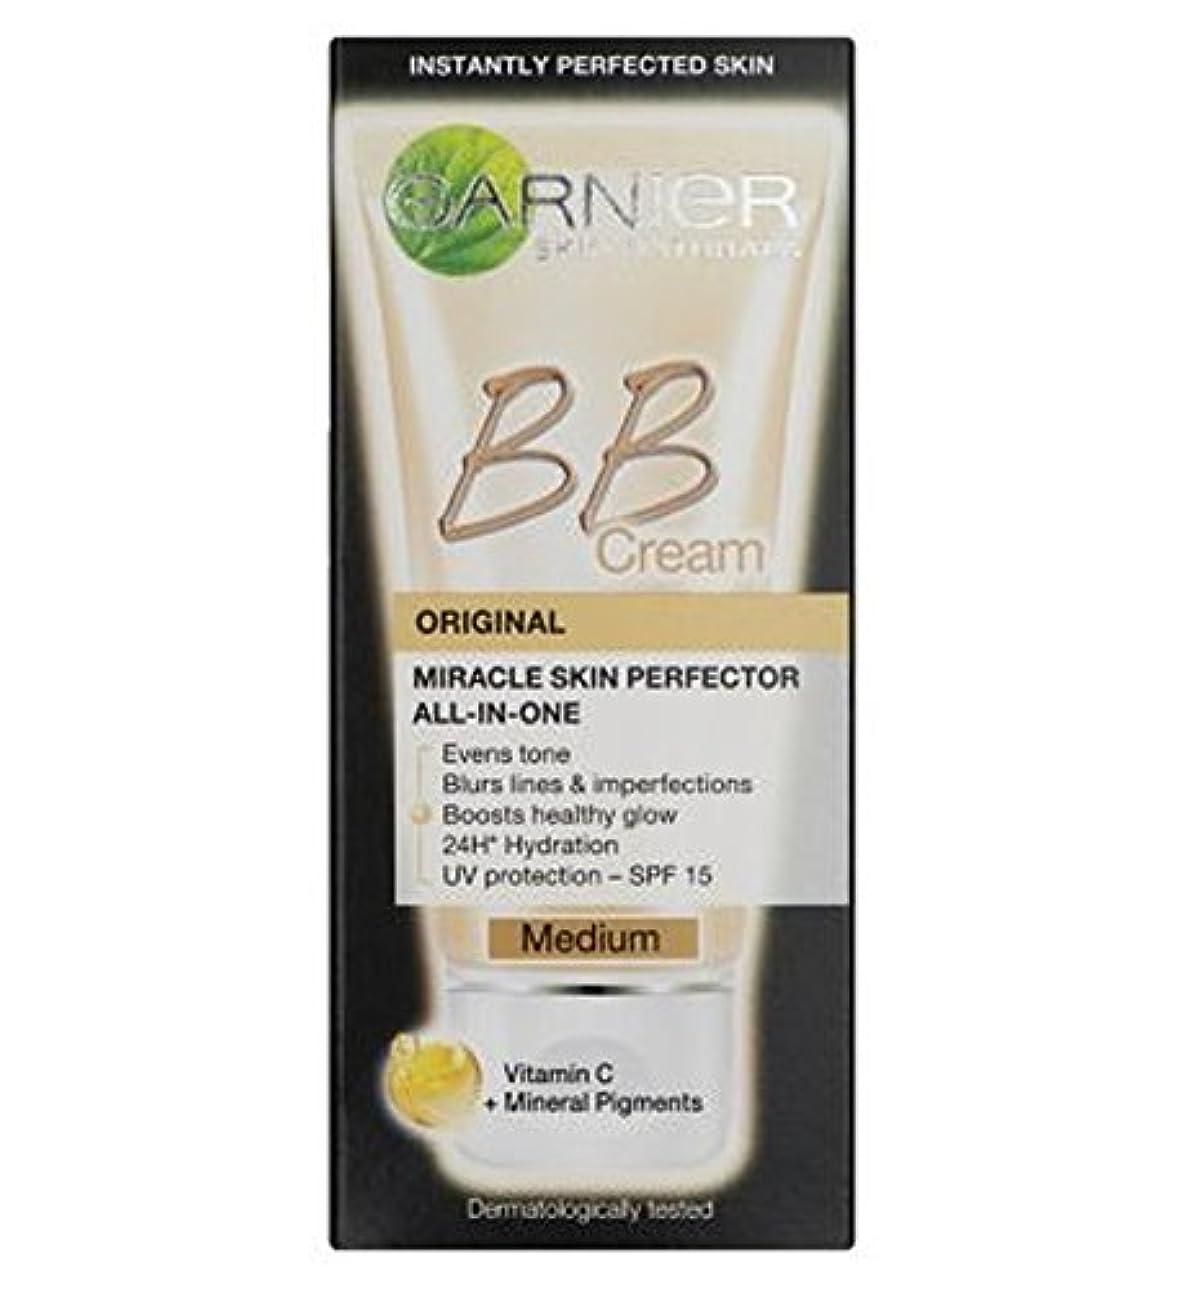 限定日常的に八百屋Garnier Skin Perfector Daily All-In-One B.B. Blemish Balm Cream Medium 50ml - 毎日オールインワンB.B.ガルニエスキンパーフェク傷バームクリーム...